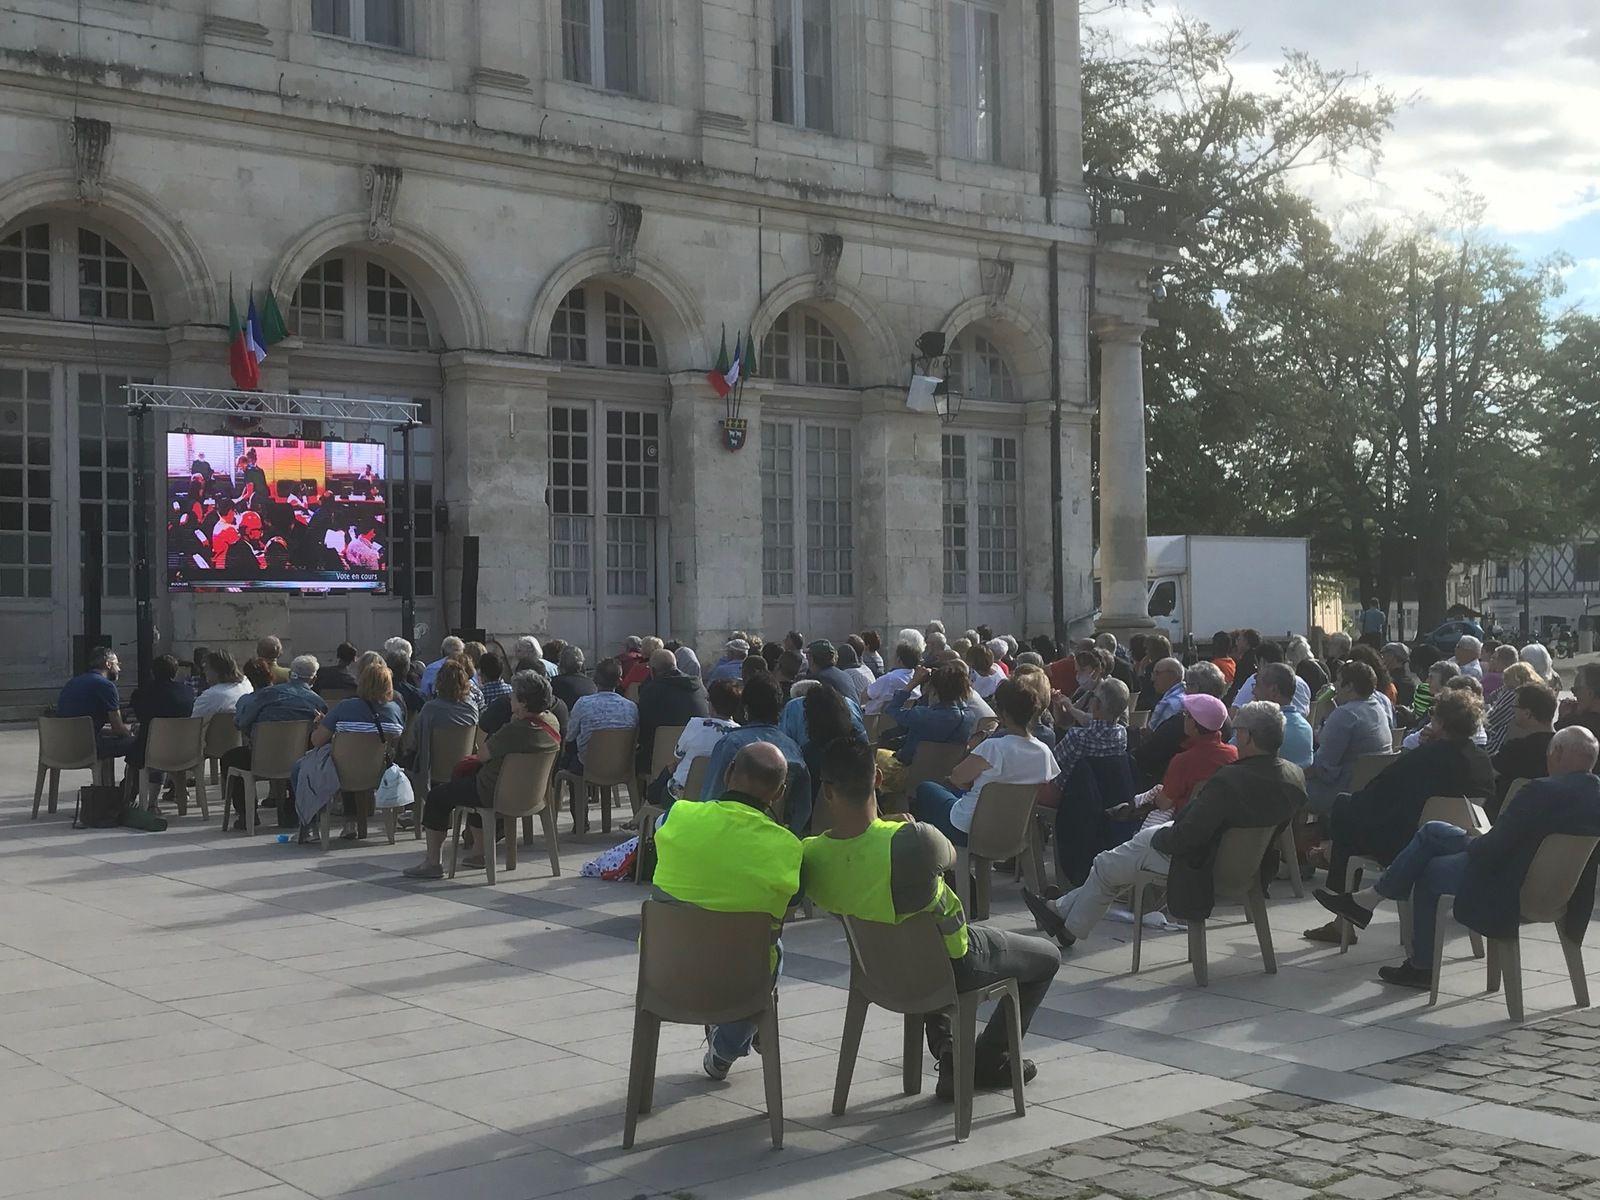 - Environ deux cents personnes ont assisté à ce conseil municipal grâce à un grand écran installé devant l'ancienne mairie, sur la place Étienne-Dolet.